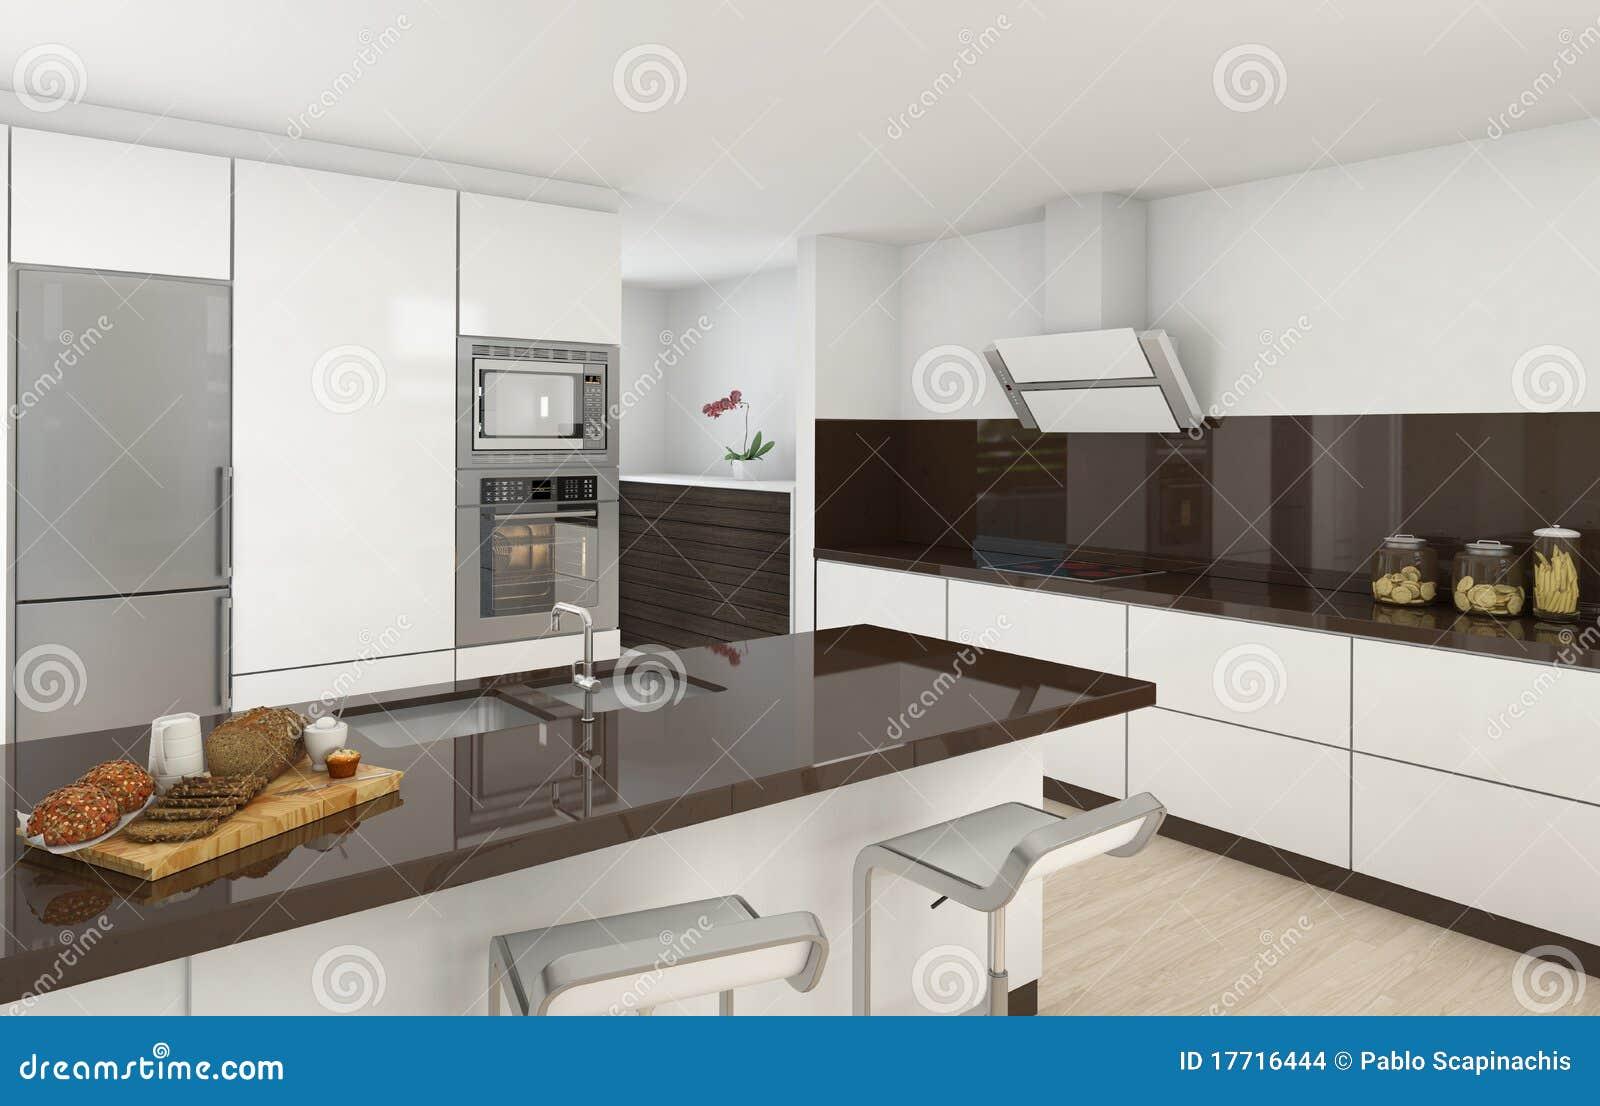 Moderne Küche Weiß Und Braun Stock Abbildung - Illustration von ...